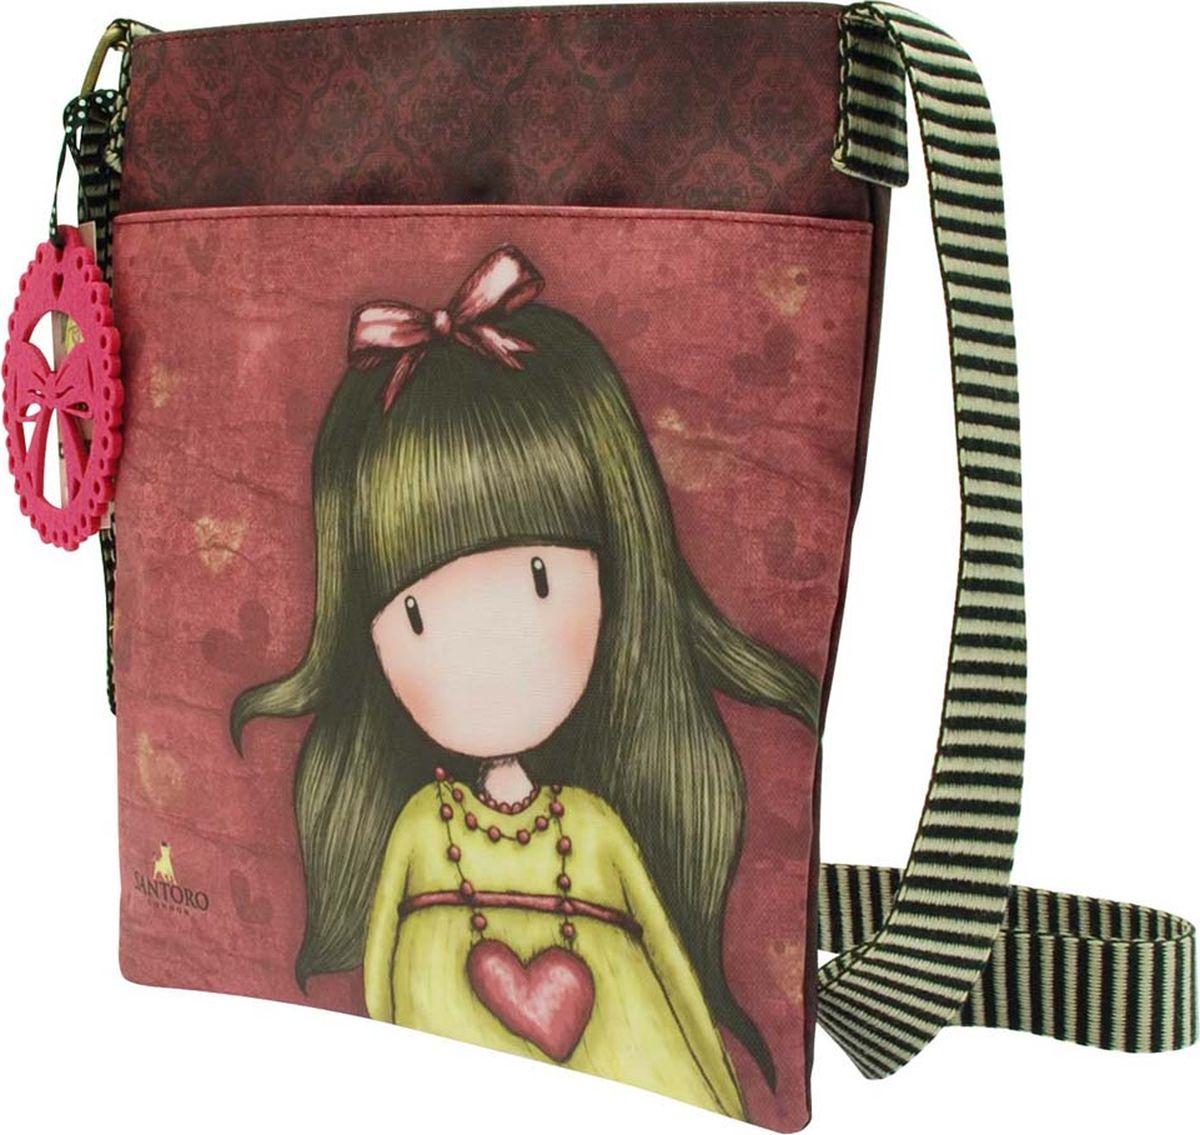 Santoro Сумка детская на плечо Heartfelt0012579Прямоугольная сумка с потрясающим рисунком с Gorjuss — лучший вариант на каждый день. В сумку с крупным внешним кармашком можно запросто уместить все, что вам может пригодиться в течение дня, — от учебников до планшета.